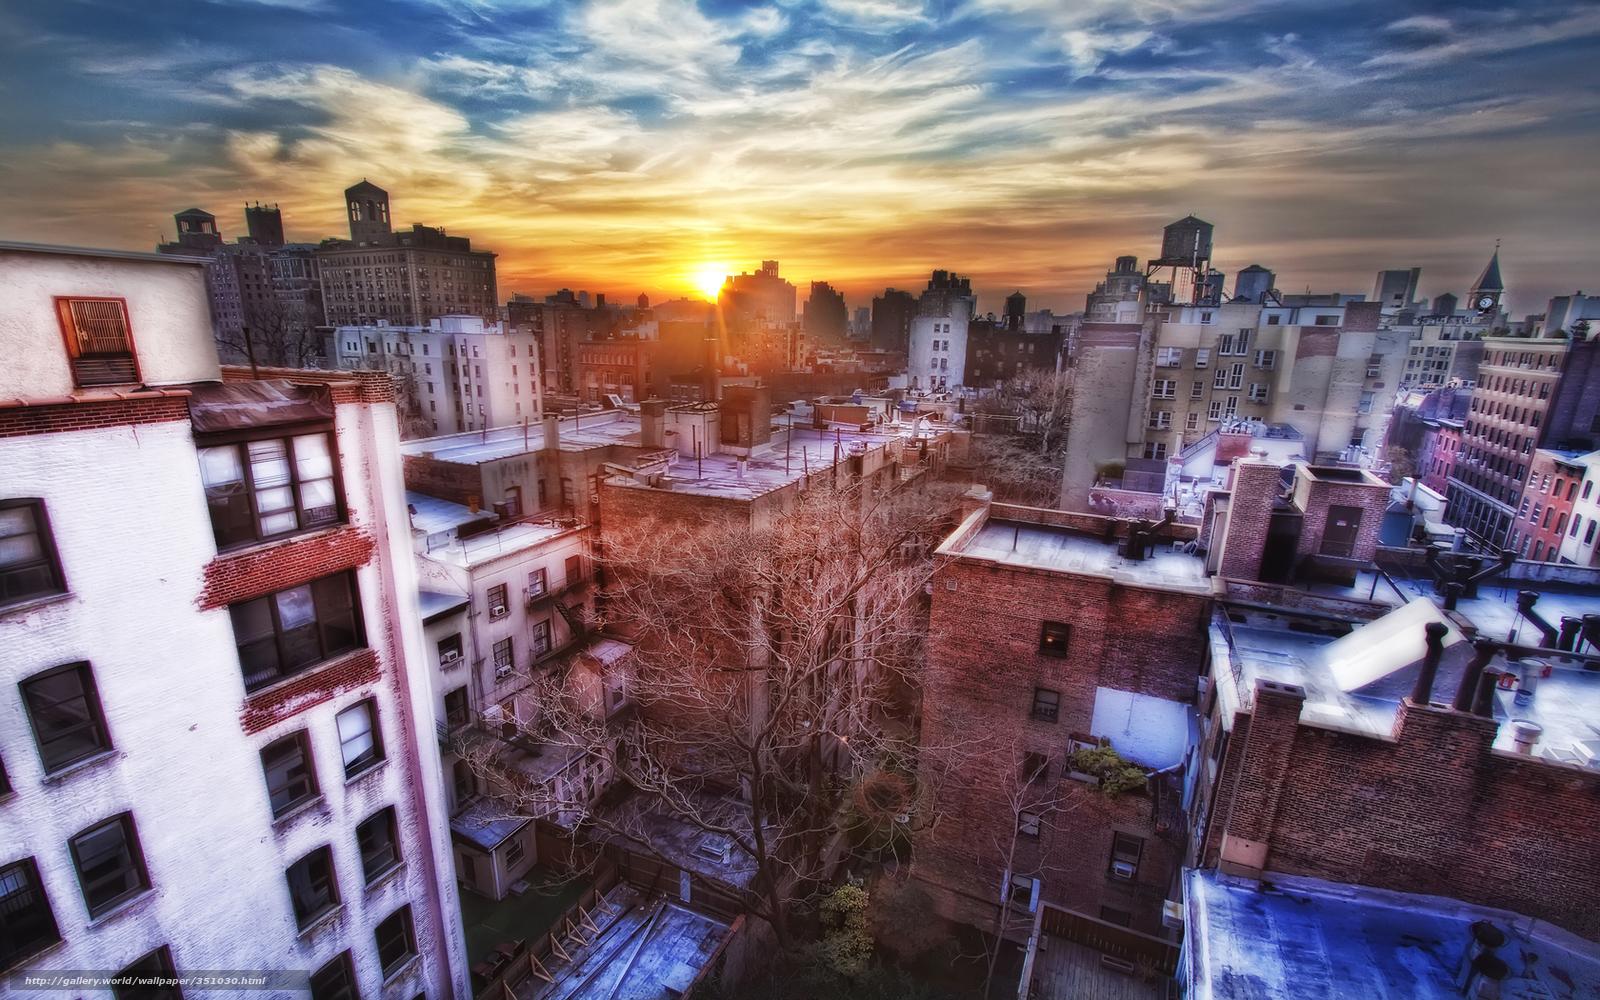 Tlcharger fond d 39 ecran new york coucher du soleil fonds d - Coucher du soleil new york ...